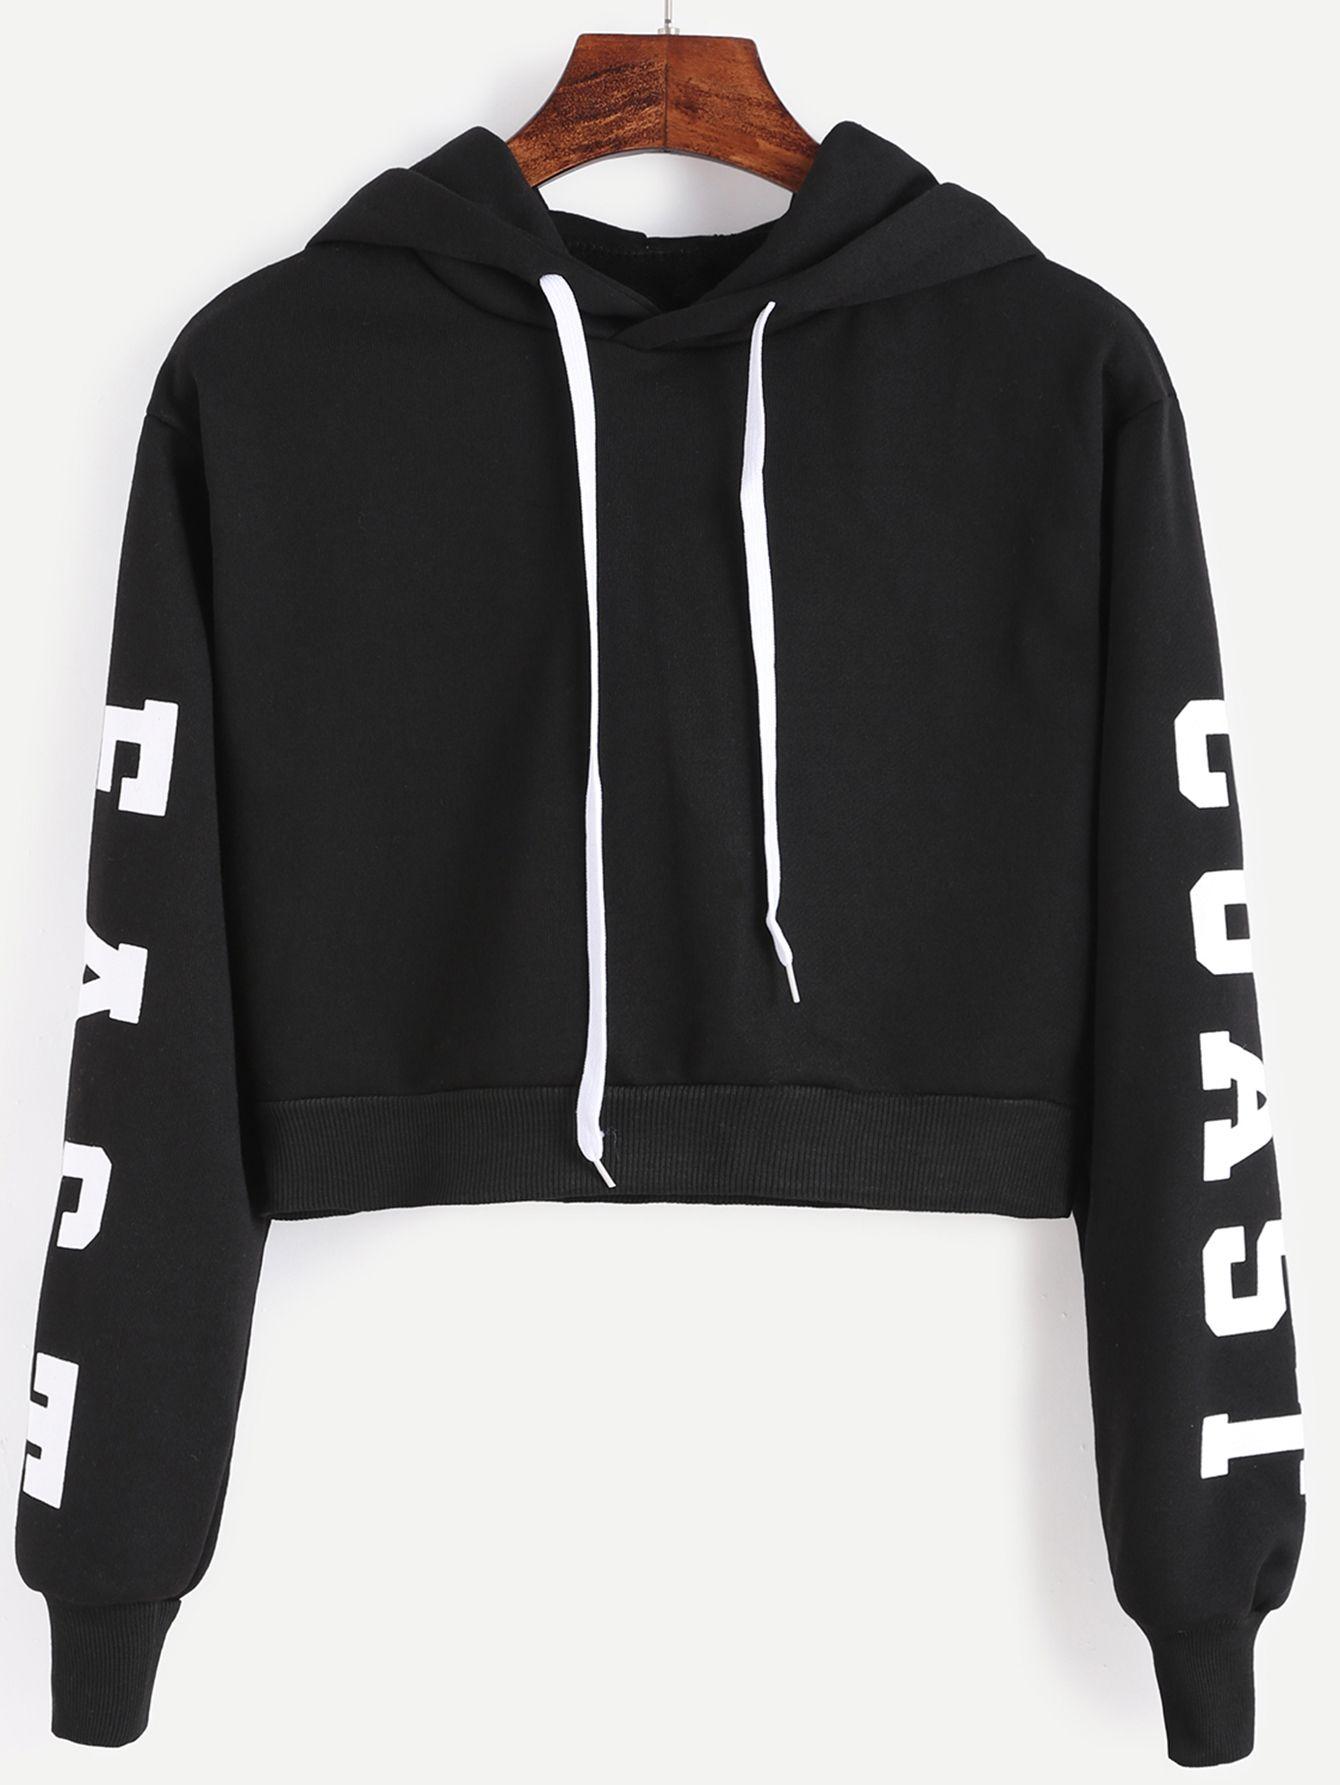 Letters Print Crop Hoodie | Sweatshirts online, Sweatshirt and ...